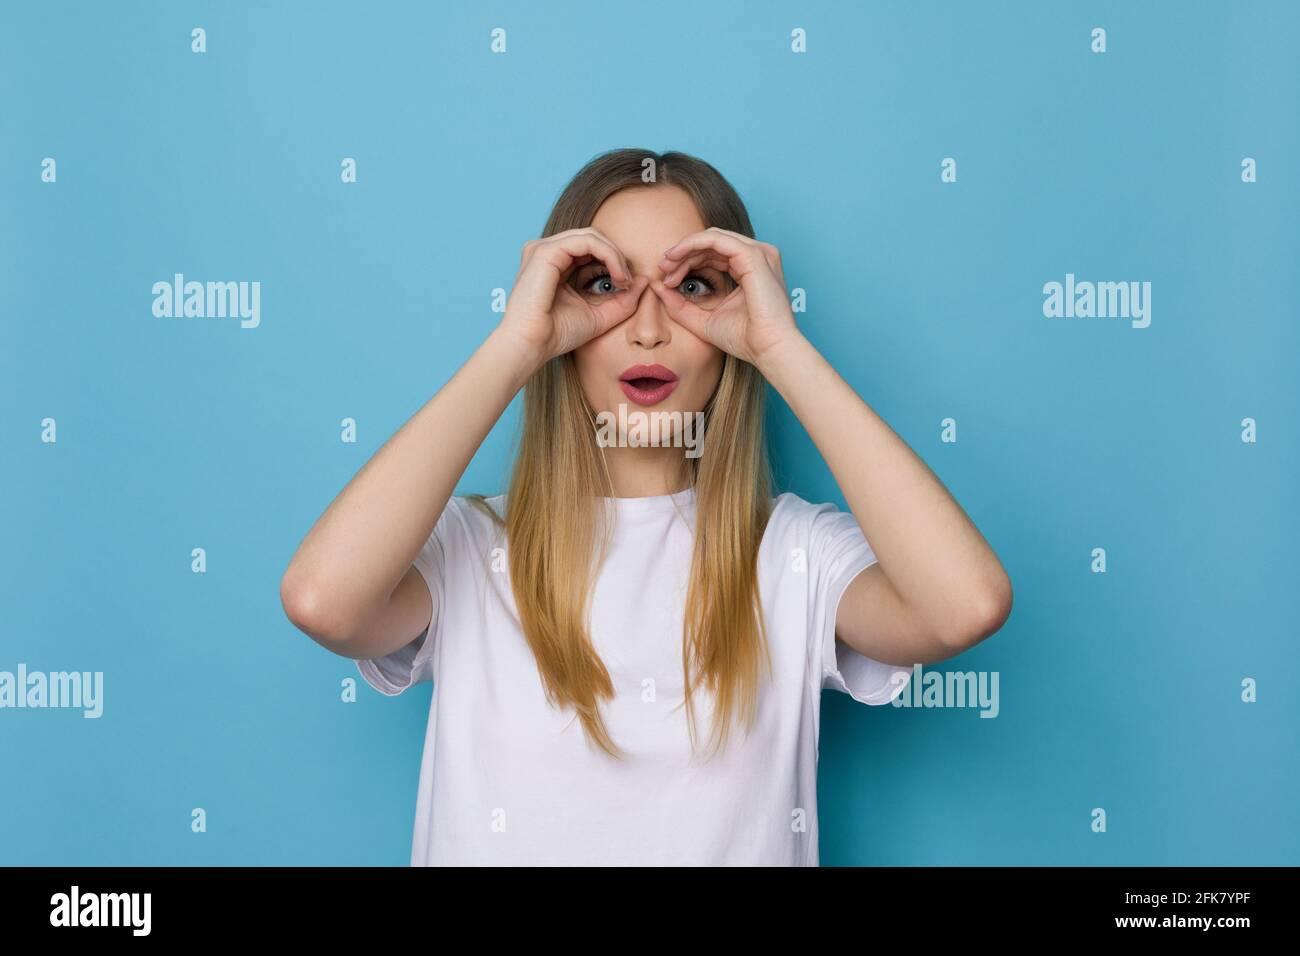 Sorpresa giovane donna in camicia bianca sta facendo mani binocolo e guardando la macchina fotografica. Girata in casa su sfondo blu. Foto Stock